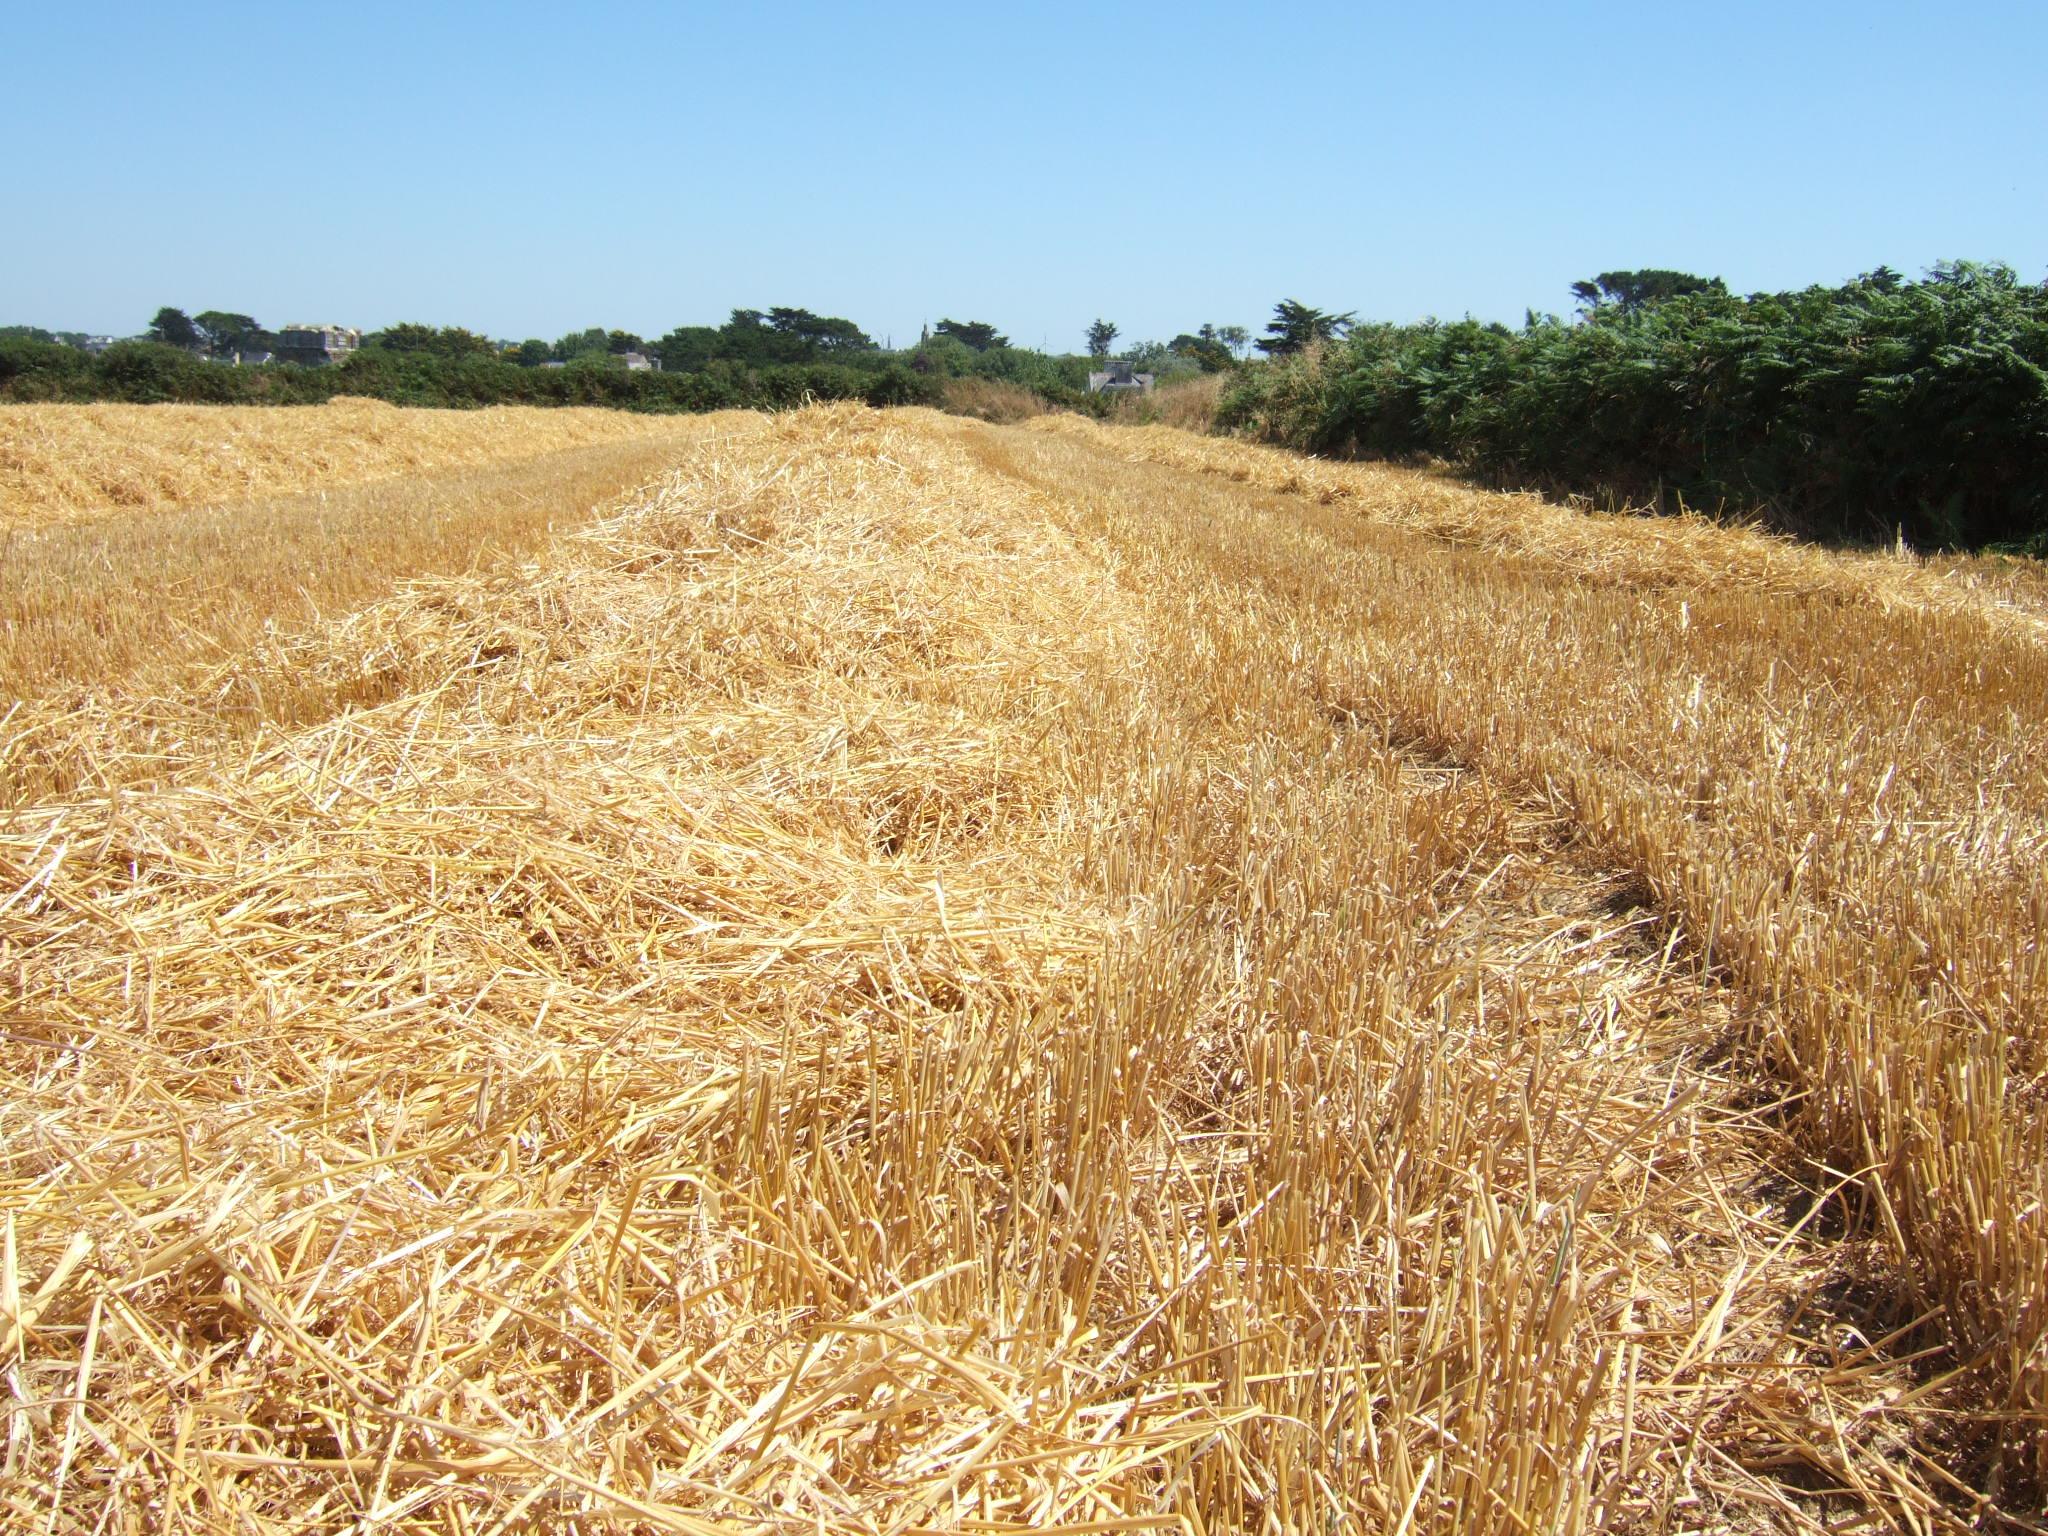 File:Straw field 1.jpg